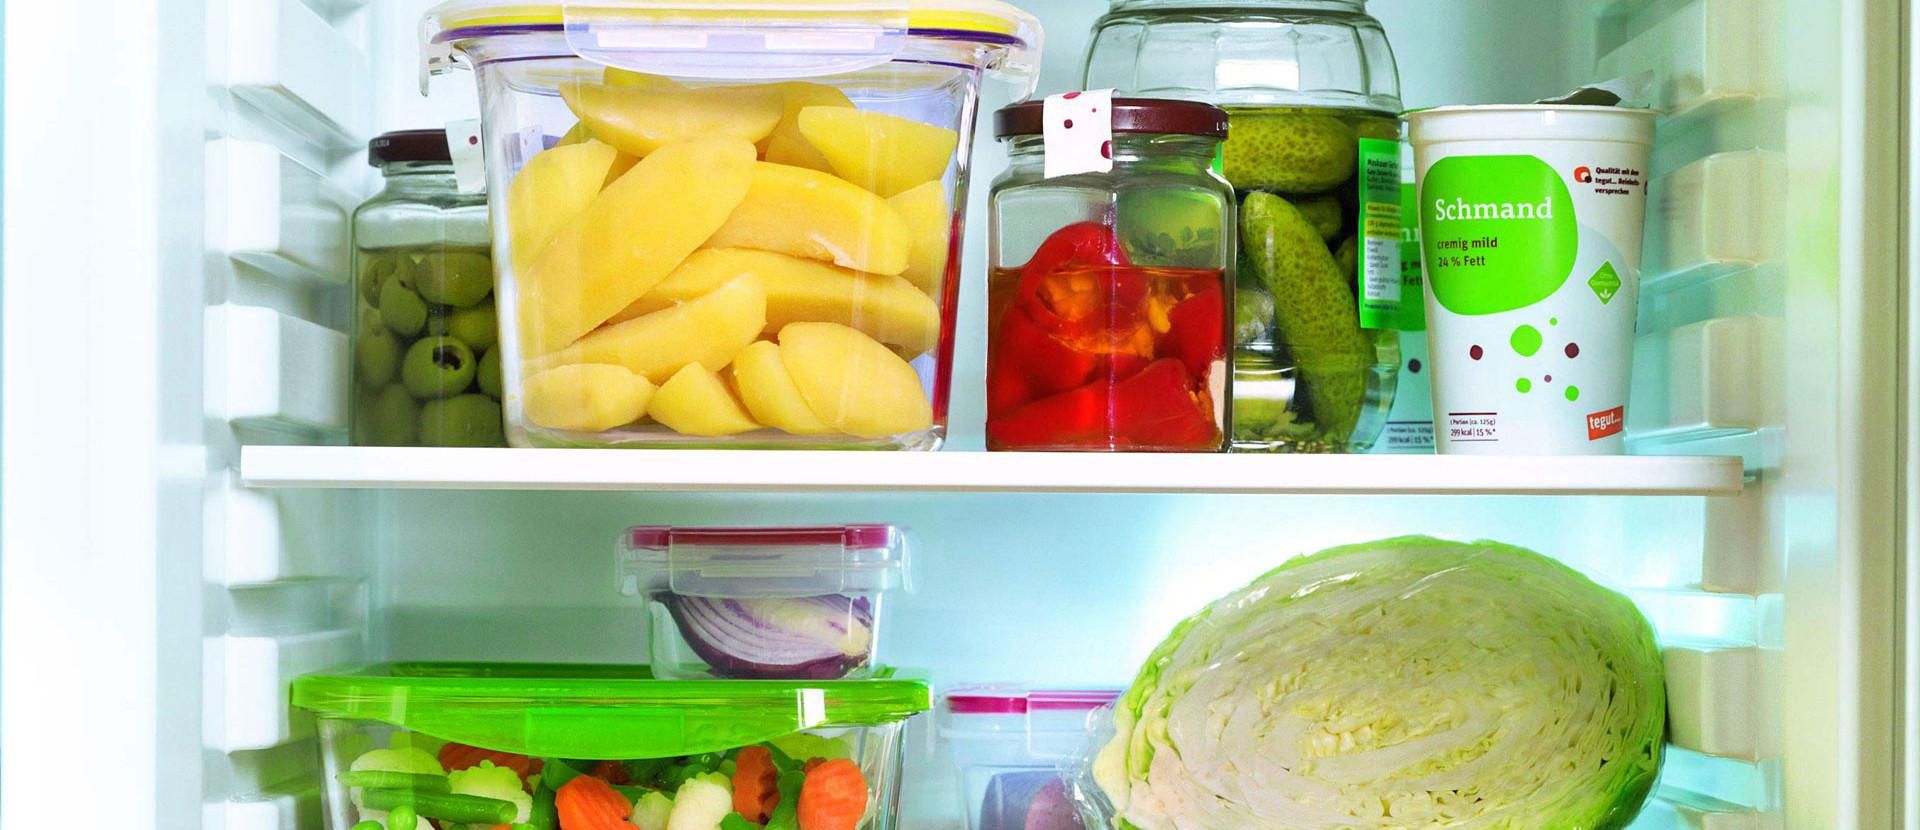 Blick in einen gefüllten Kühlschrank